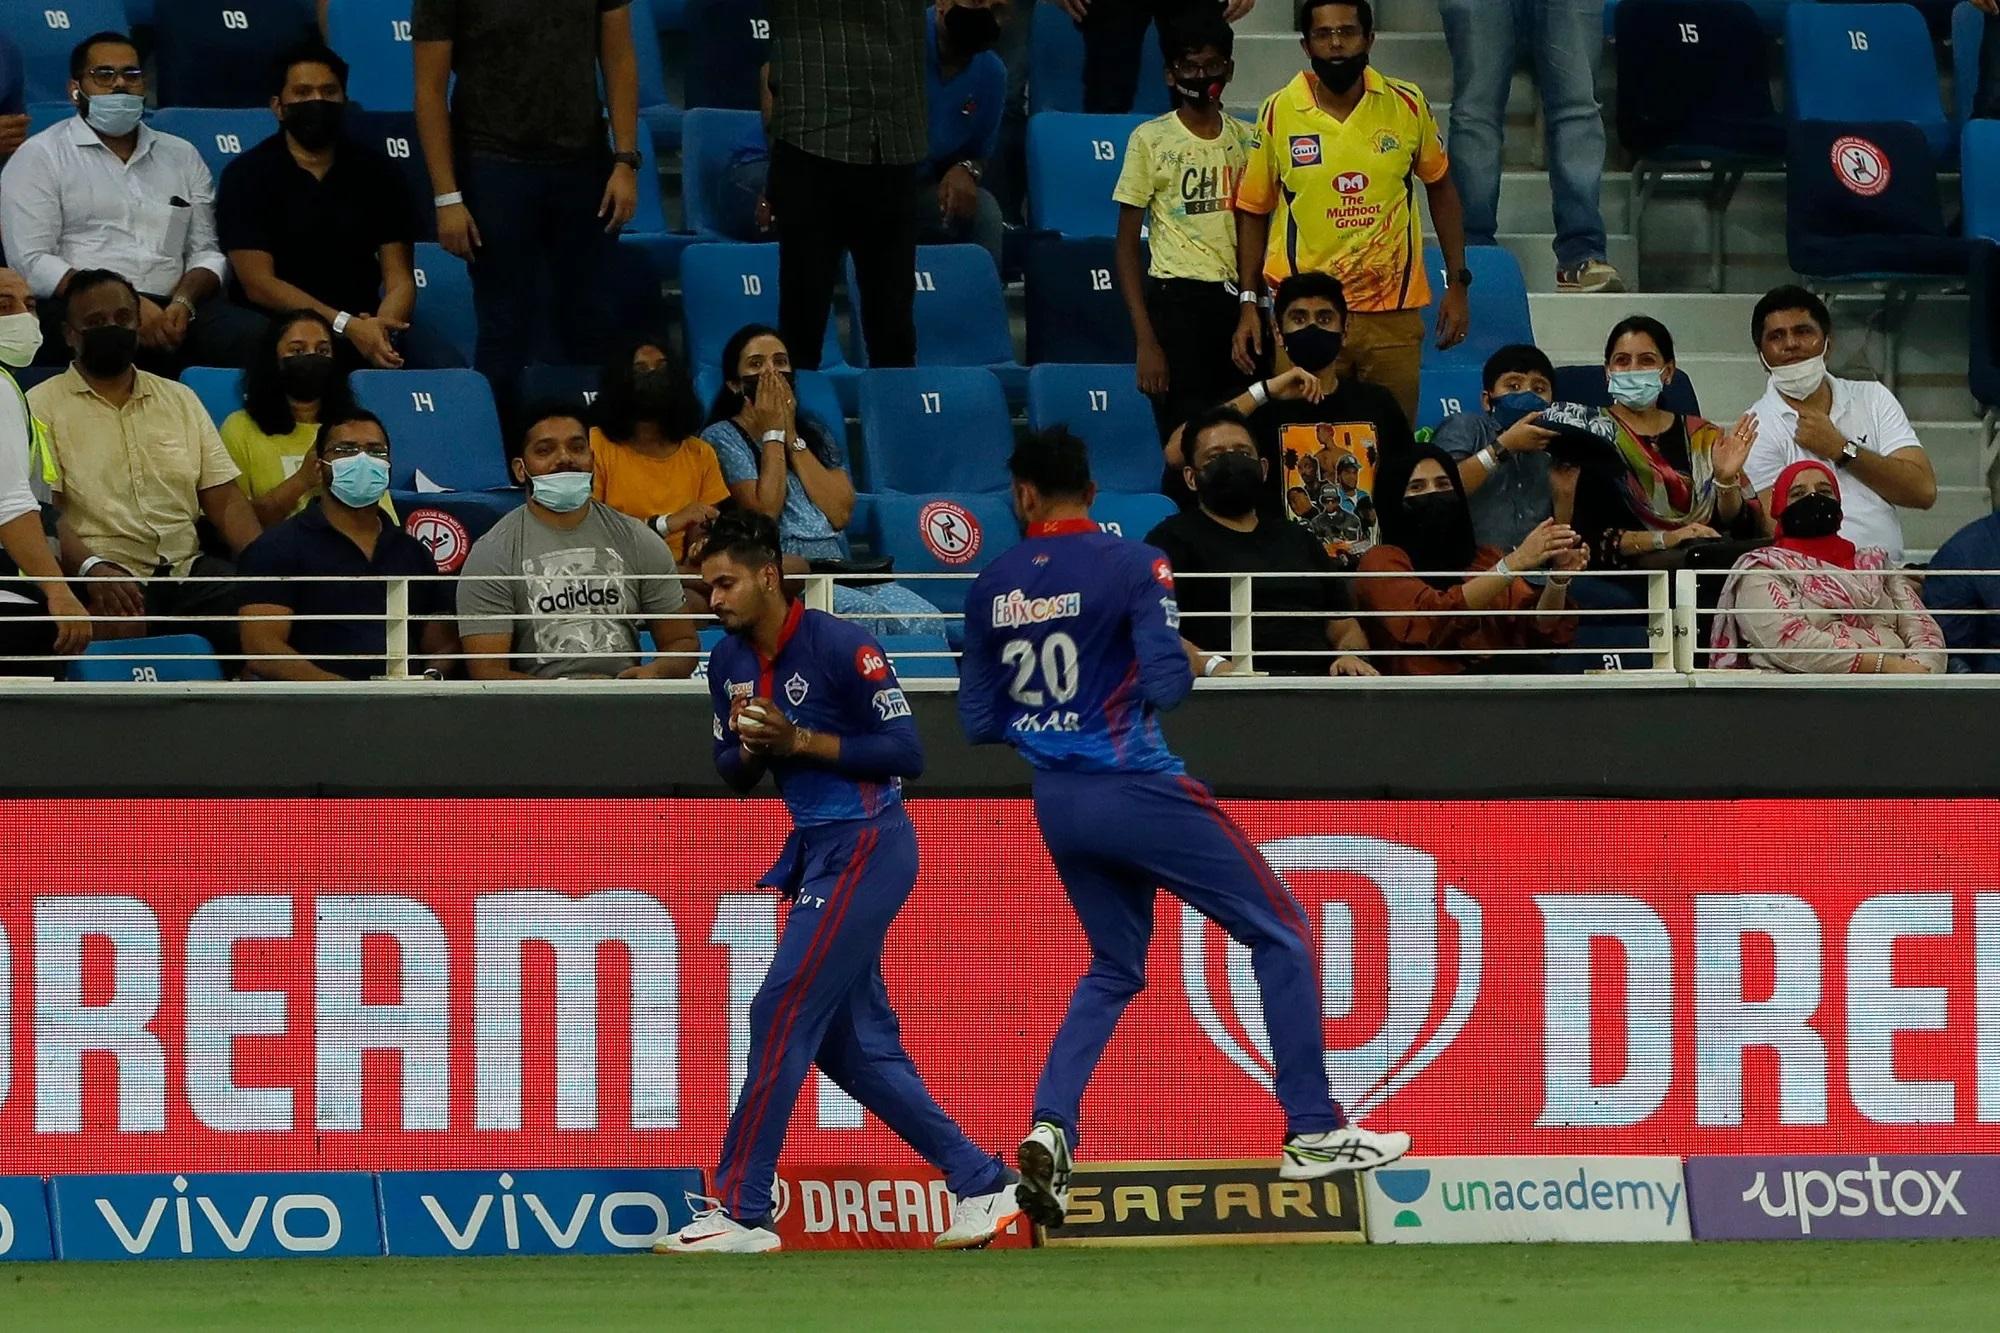 उथप्पा की पारी का अंत भी बेहद रोमांचक तरीके से हुआ। दिल्ली के पूर्व कप्तान श्रेयस अय्यर ने उथप्पा को आउट करने के लिए अपनी पूरी जान लगा दी। उन्होंने जबर्दस्त सूझबूझ का परिचय देते हुए बाउंड्री लाइन से सिर्फ 6 इंच दूर गेंद को पकड़कर हवा में उछाल दिया, क्योंकि उनका शरीर बांउड्री के बाहर जा रहा था। इसके बाद उन्होंने गेंद के नीचे गिरने से पहले बाउंड्री से अंदर आकर दोबारा कैच पकड़ लिया। इस दैरान उनके ठीक सामने और एकदम करीब अक्षर पटेल आ गए थे, लेकिन उन्होंने कैच ड्रॉप नहीं किया।